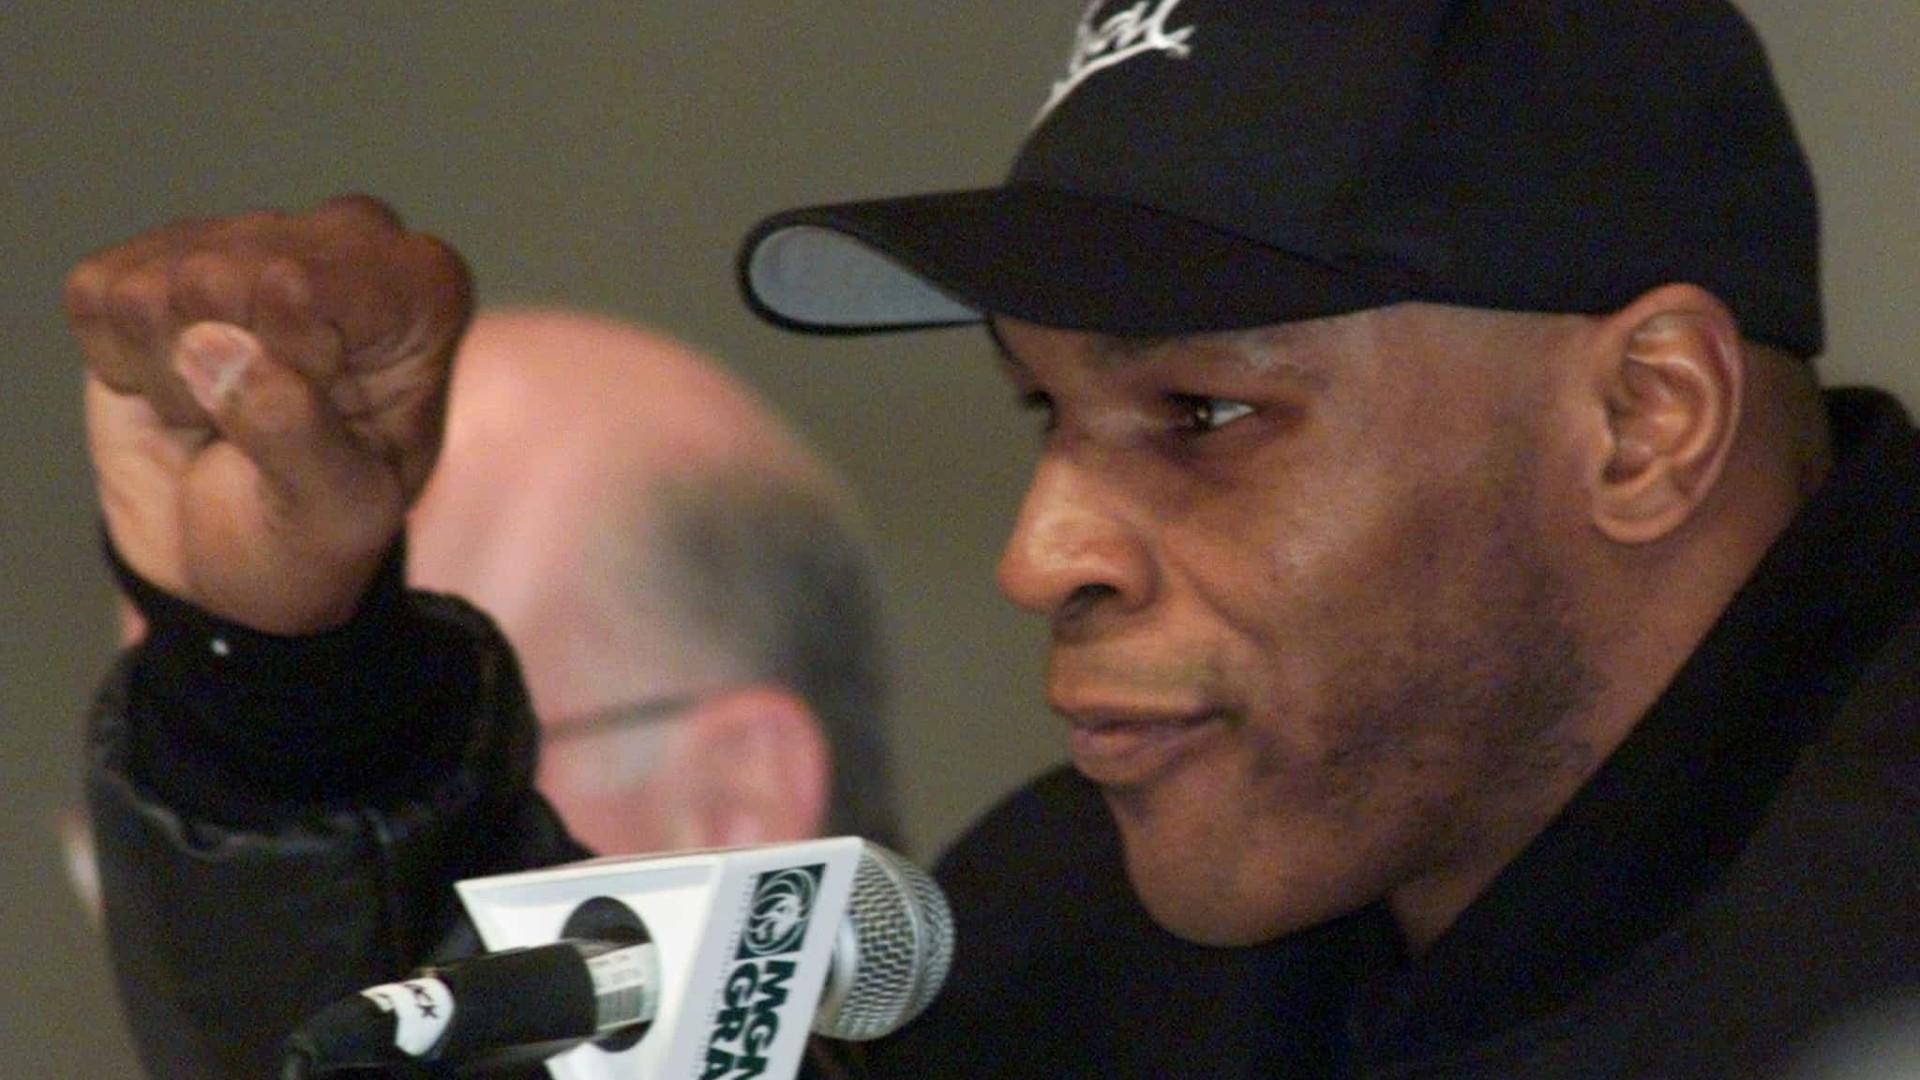 Tyson e Holyfield têm menos de 40 anos fisiologicamente